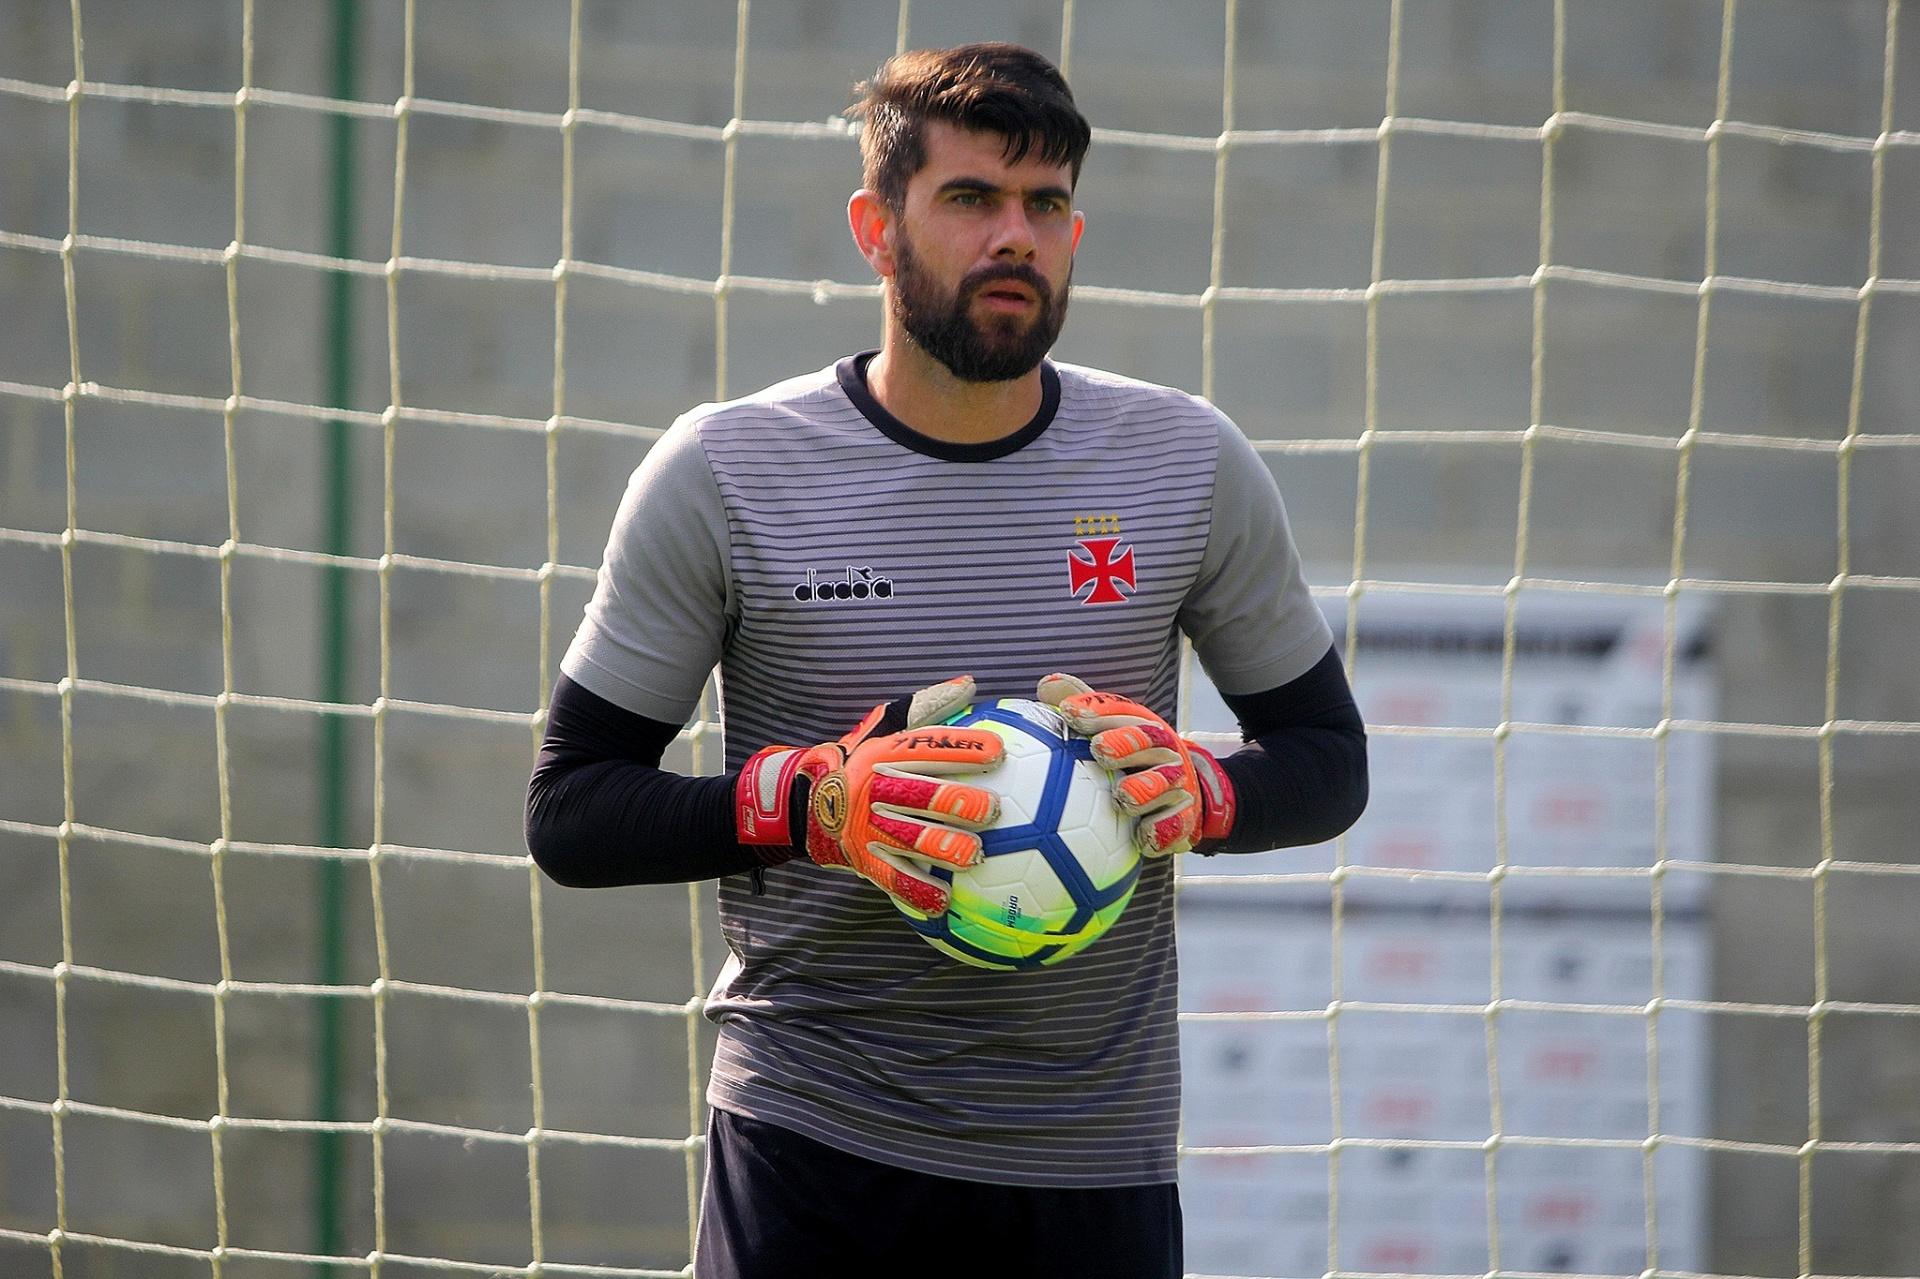 c655e09c47 Martin Silva fica fora da relação e Fernando Miguel é titular no Vasco -  Esporte - BOL